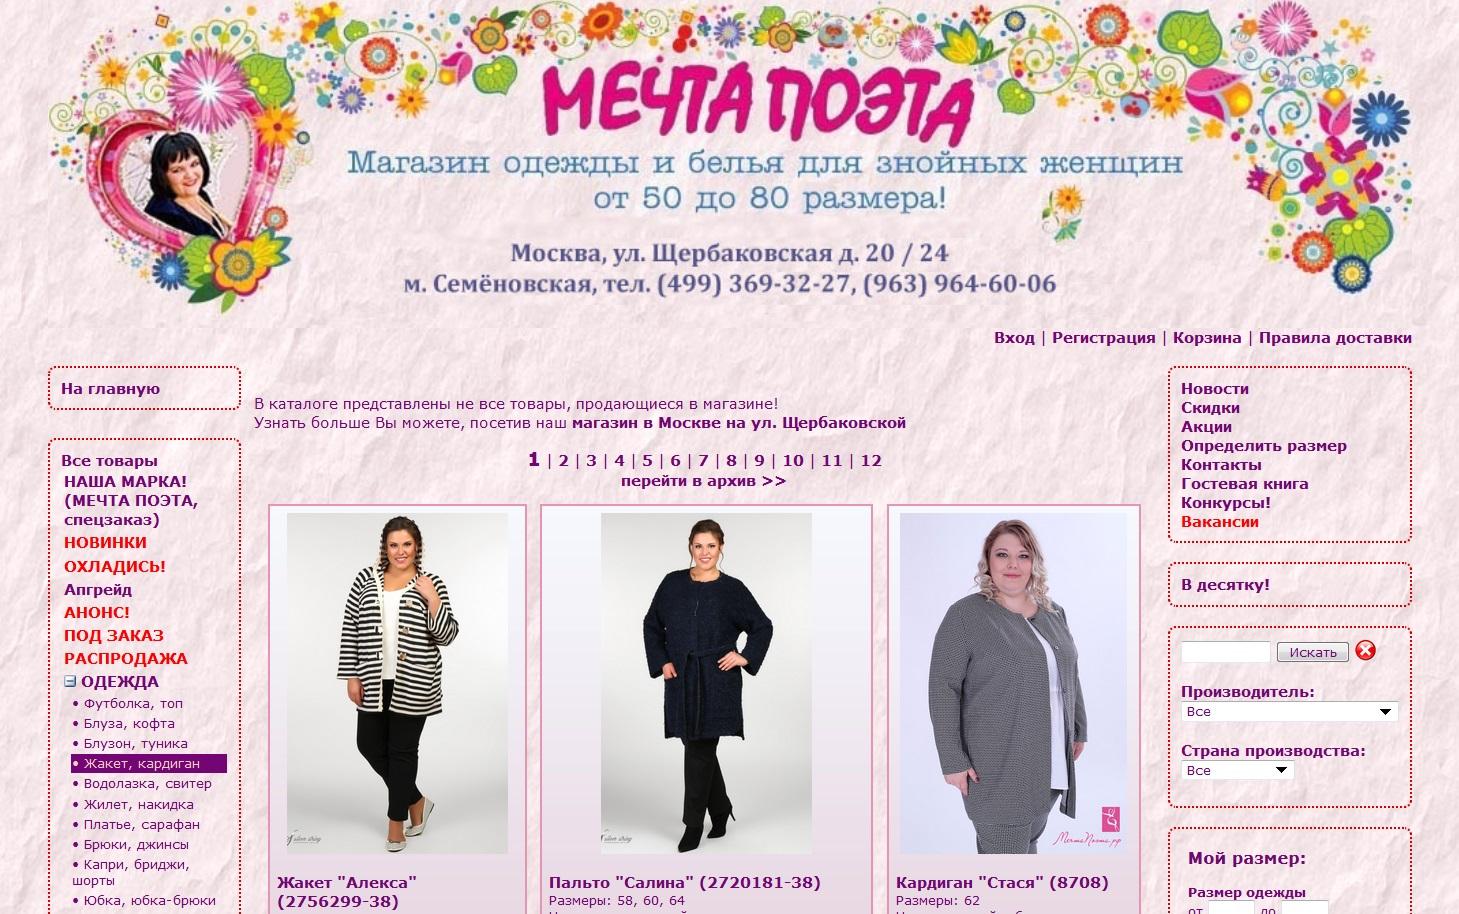 9cde1a692 Интернет магазин одежды для полных Мечта поэта включает одежду от 50 до 80  размера. Хороший выбор вещей отечественных и зарубежных производителей.